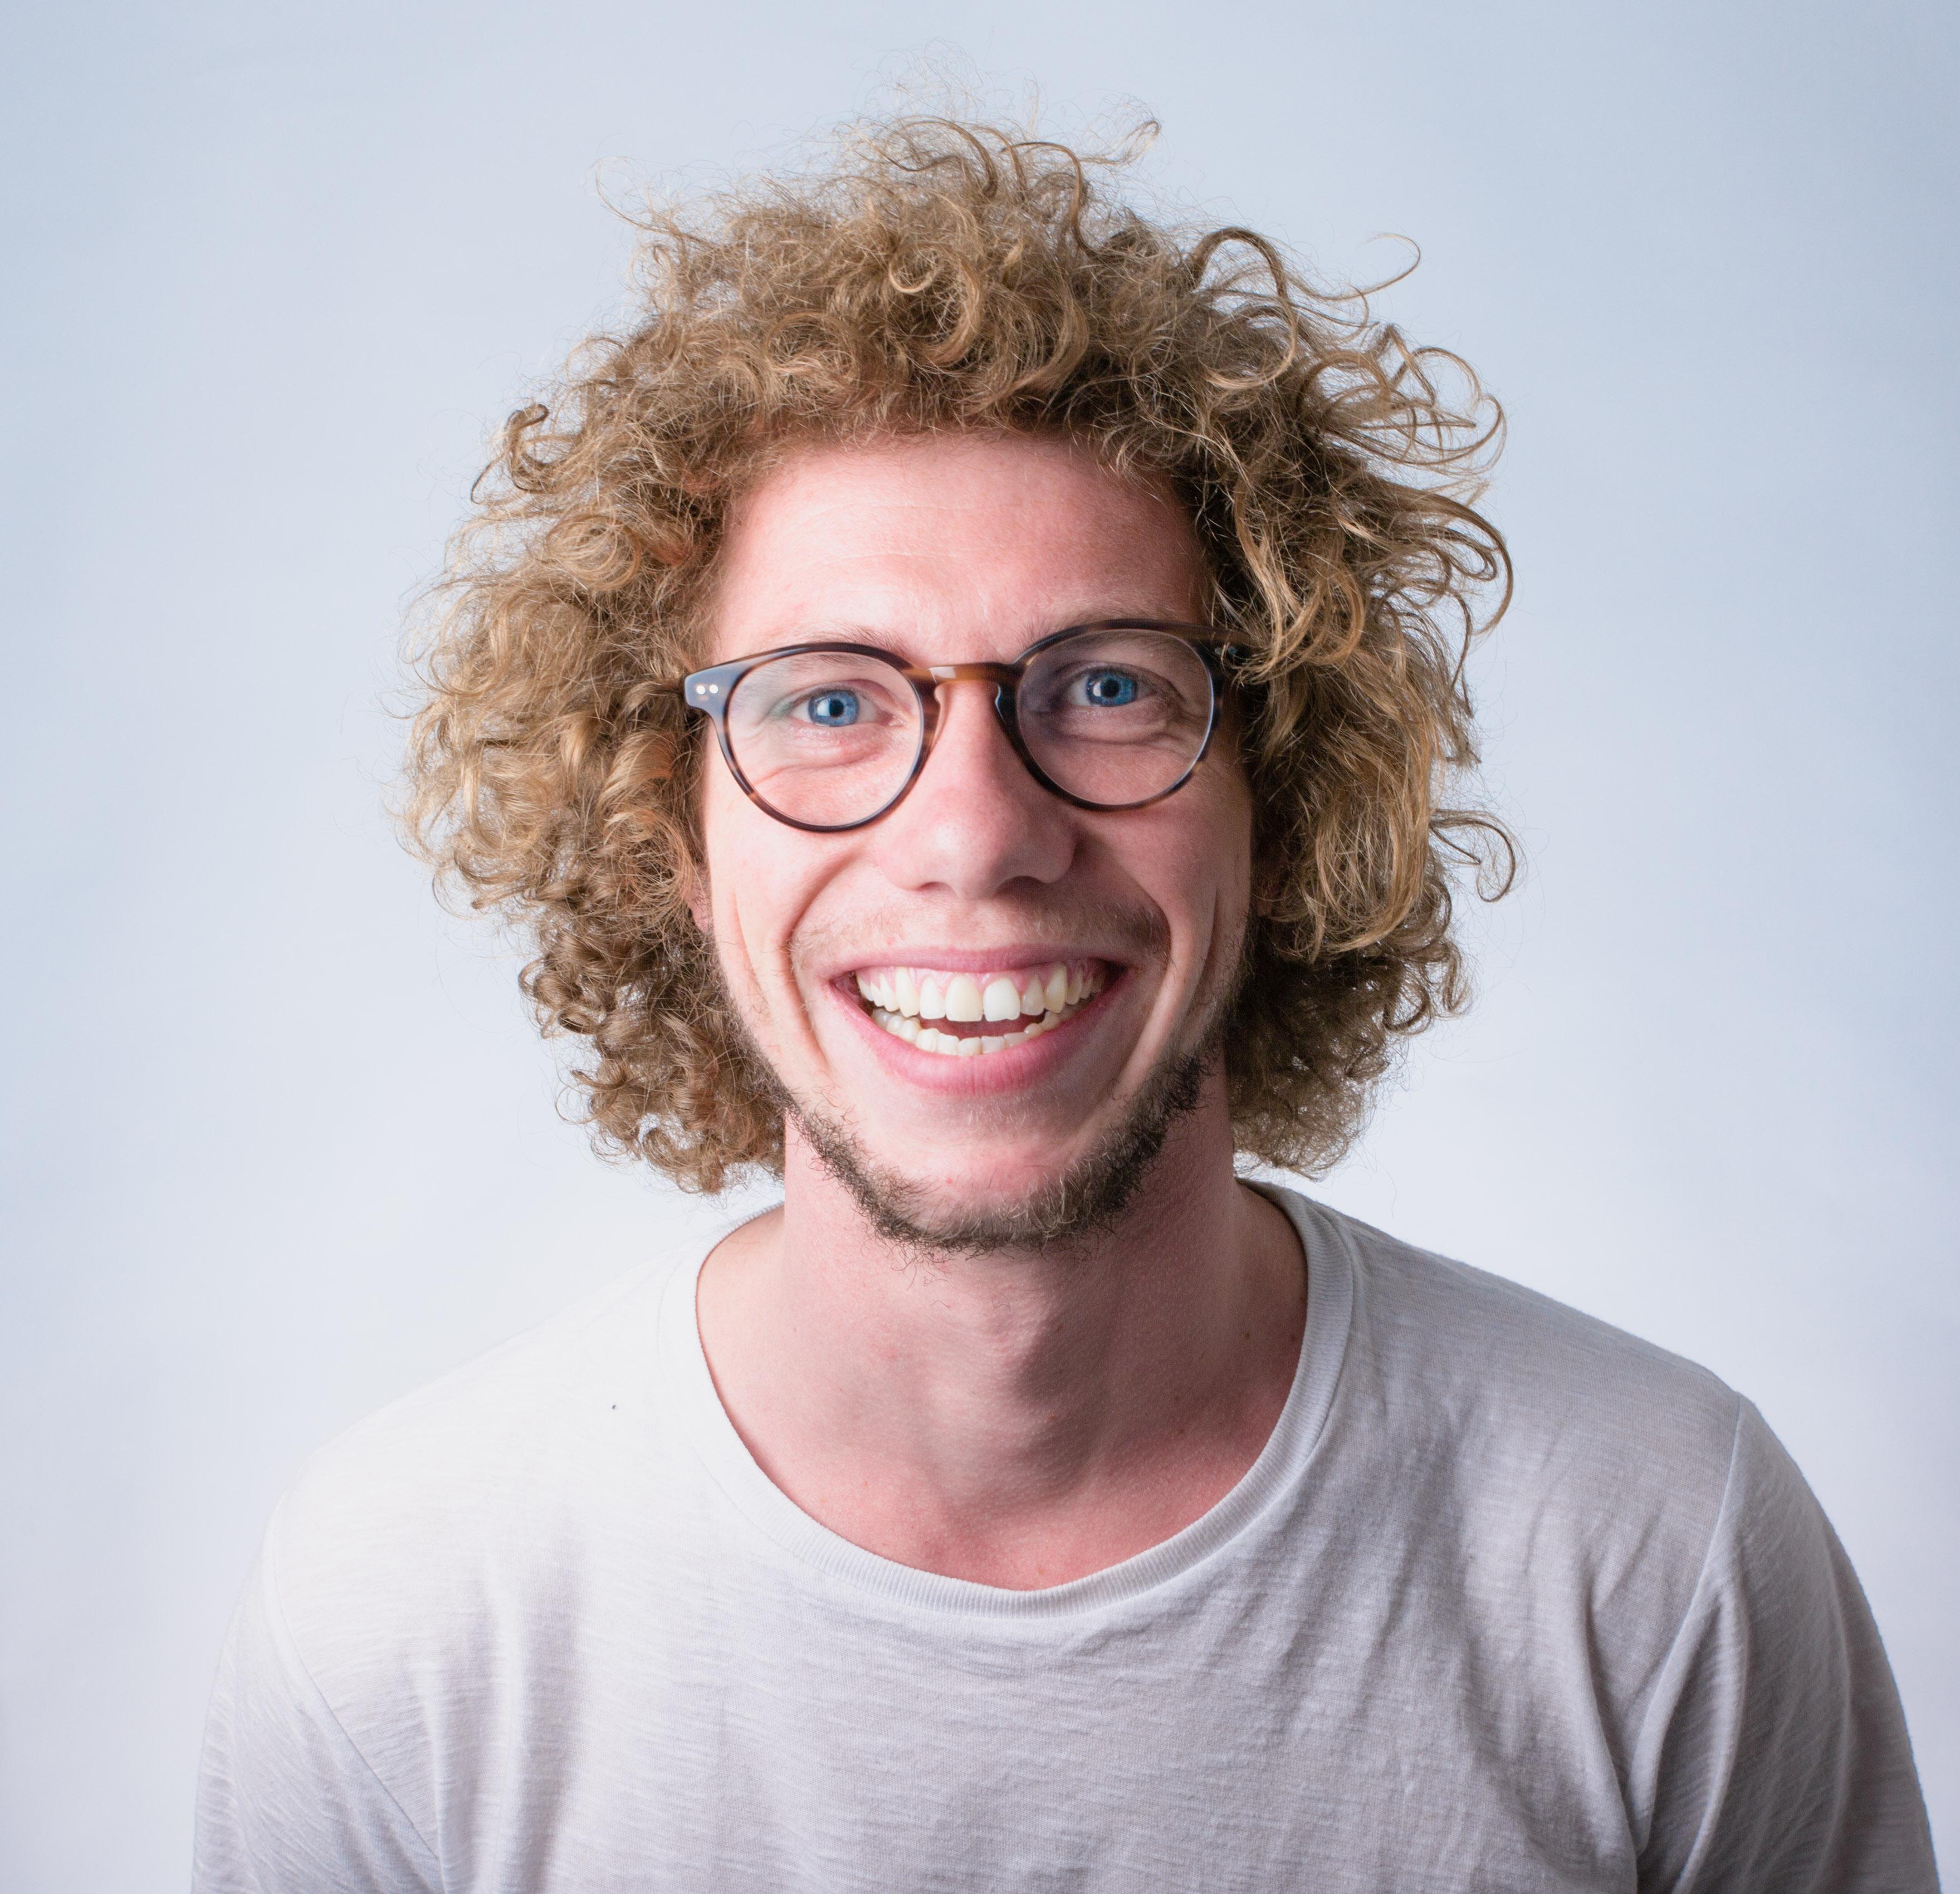 Peter Dijkgraaf